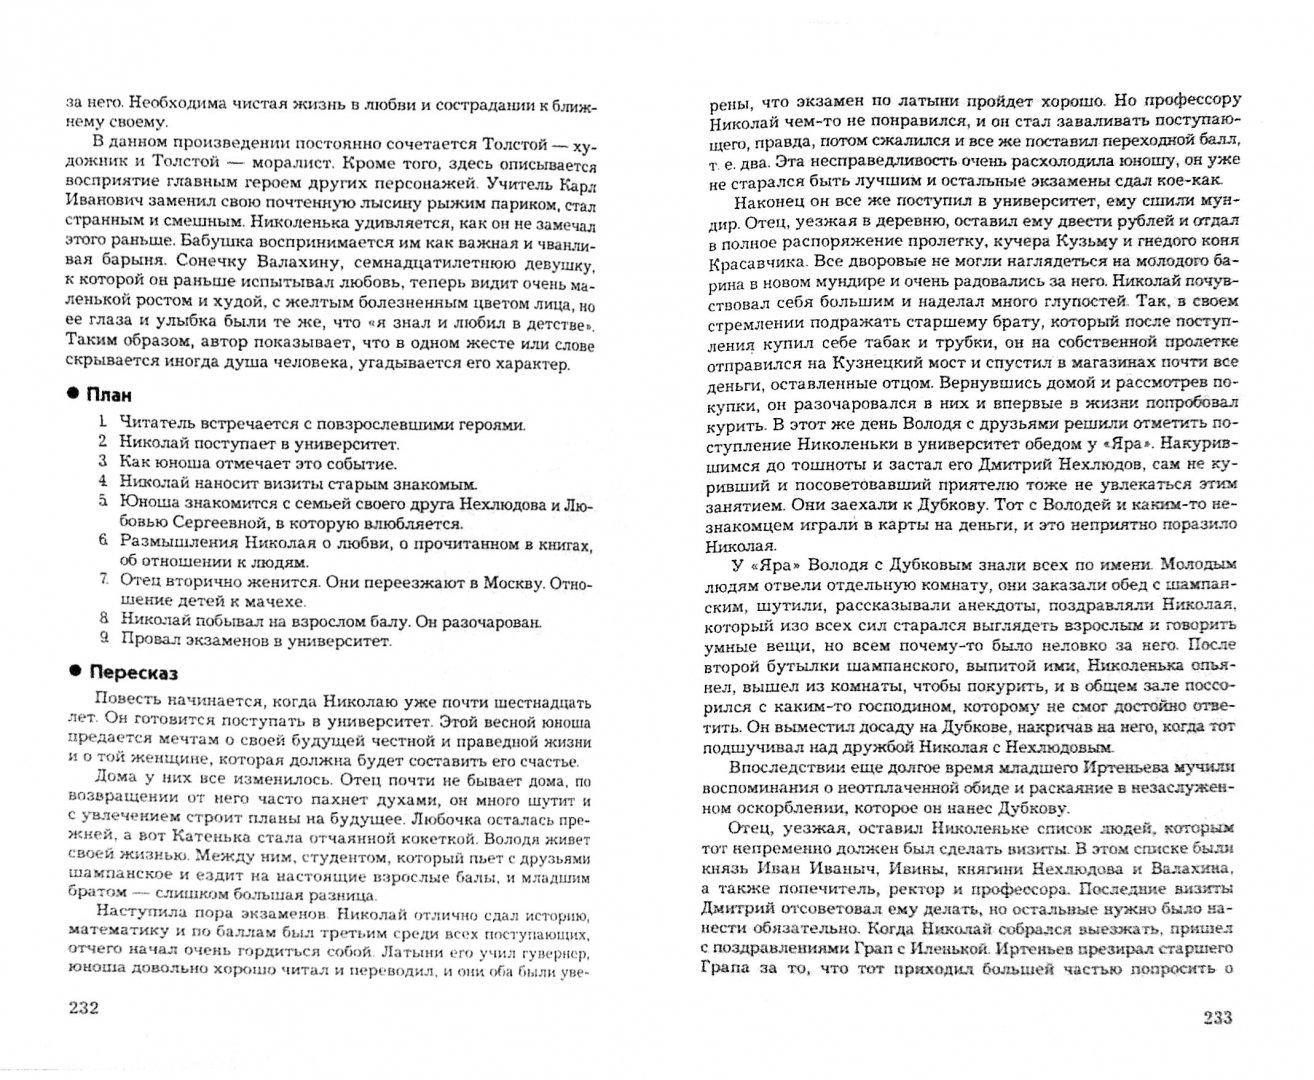 Иллюстрация 1 из 13 для Все произведения школьной литературы в кратком изложении - Долбилова, Пушнова, Шарова, Лазорева   Лабиринт - книги. Источник: Лабиринт